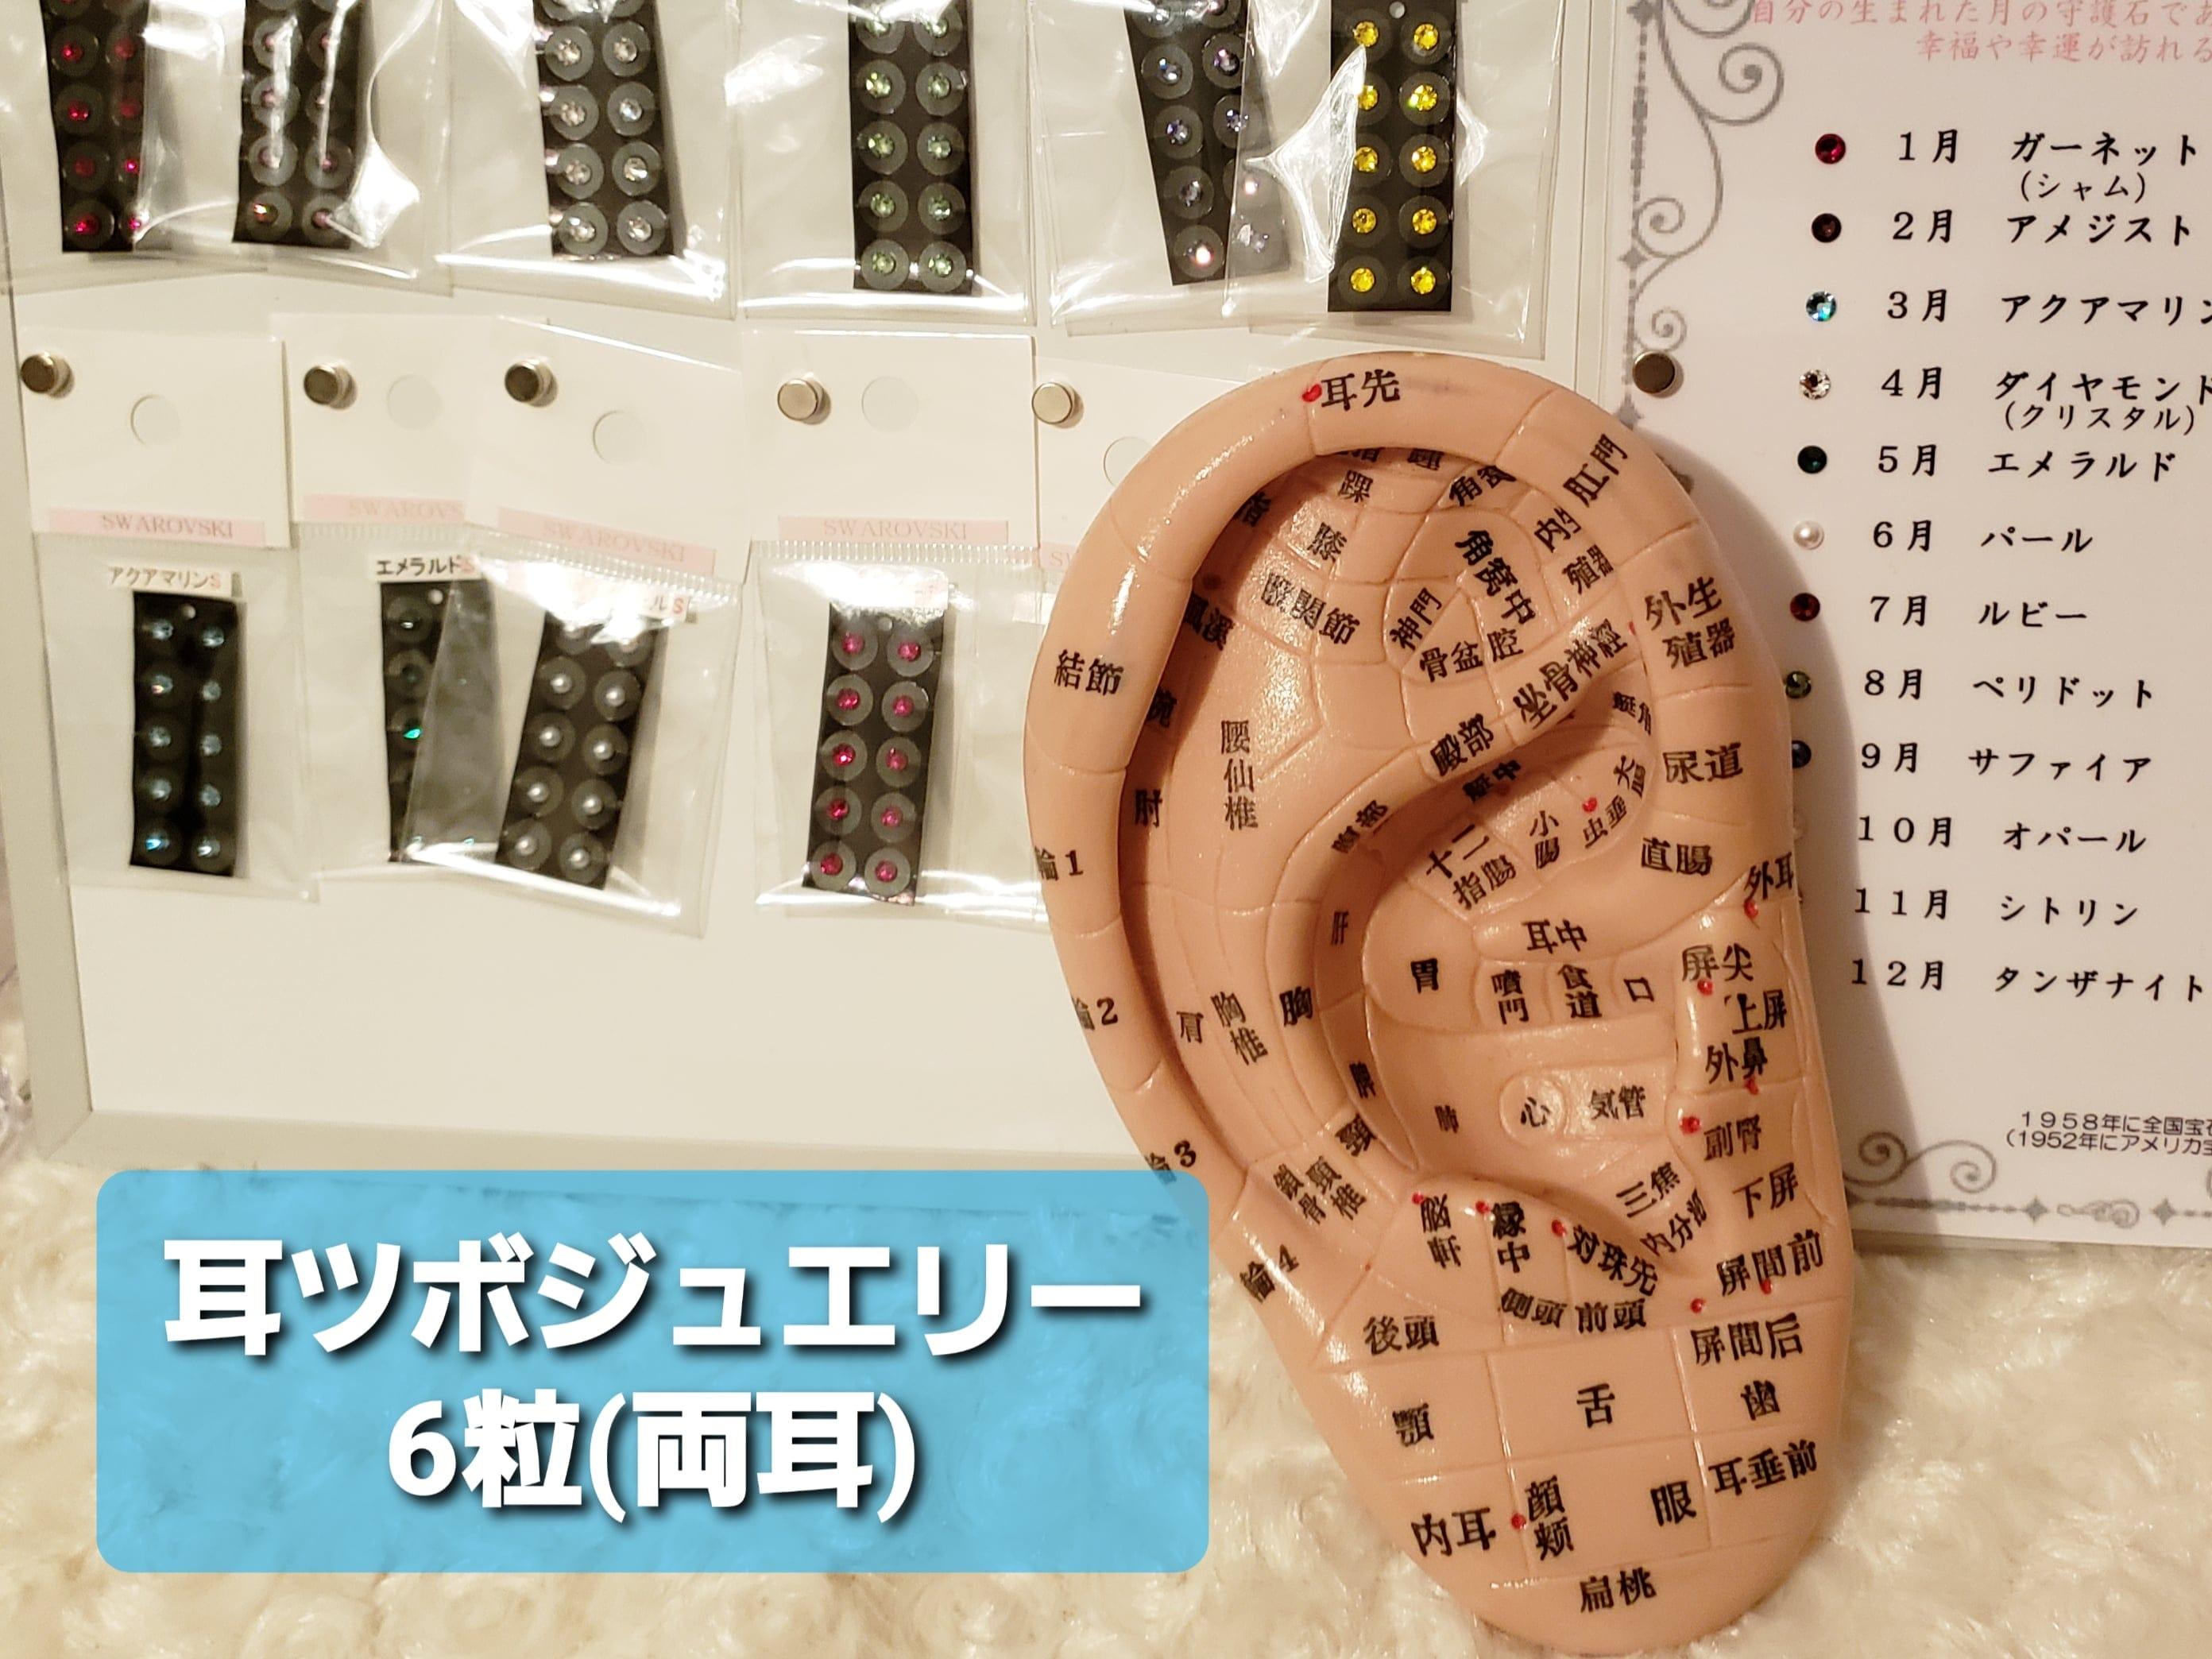 耳ツボジュエリーピアス 6粒(片耳3粒)のイメージその1